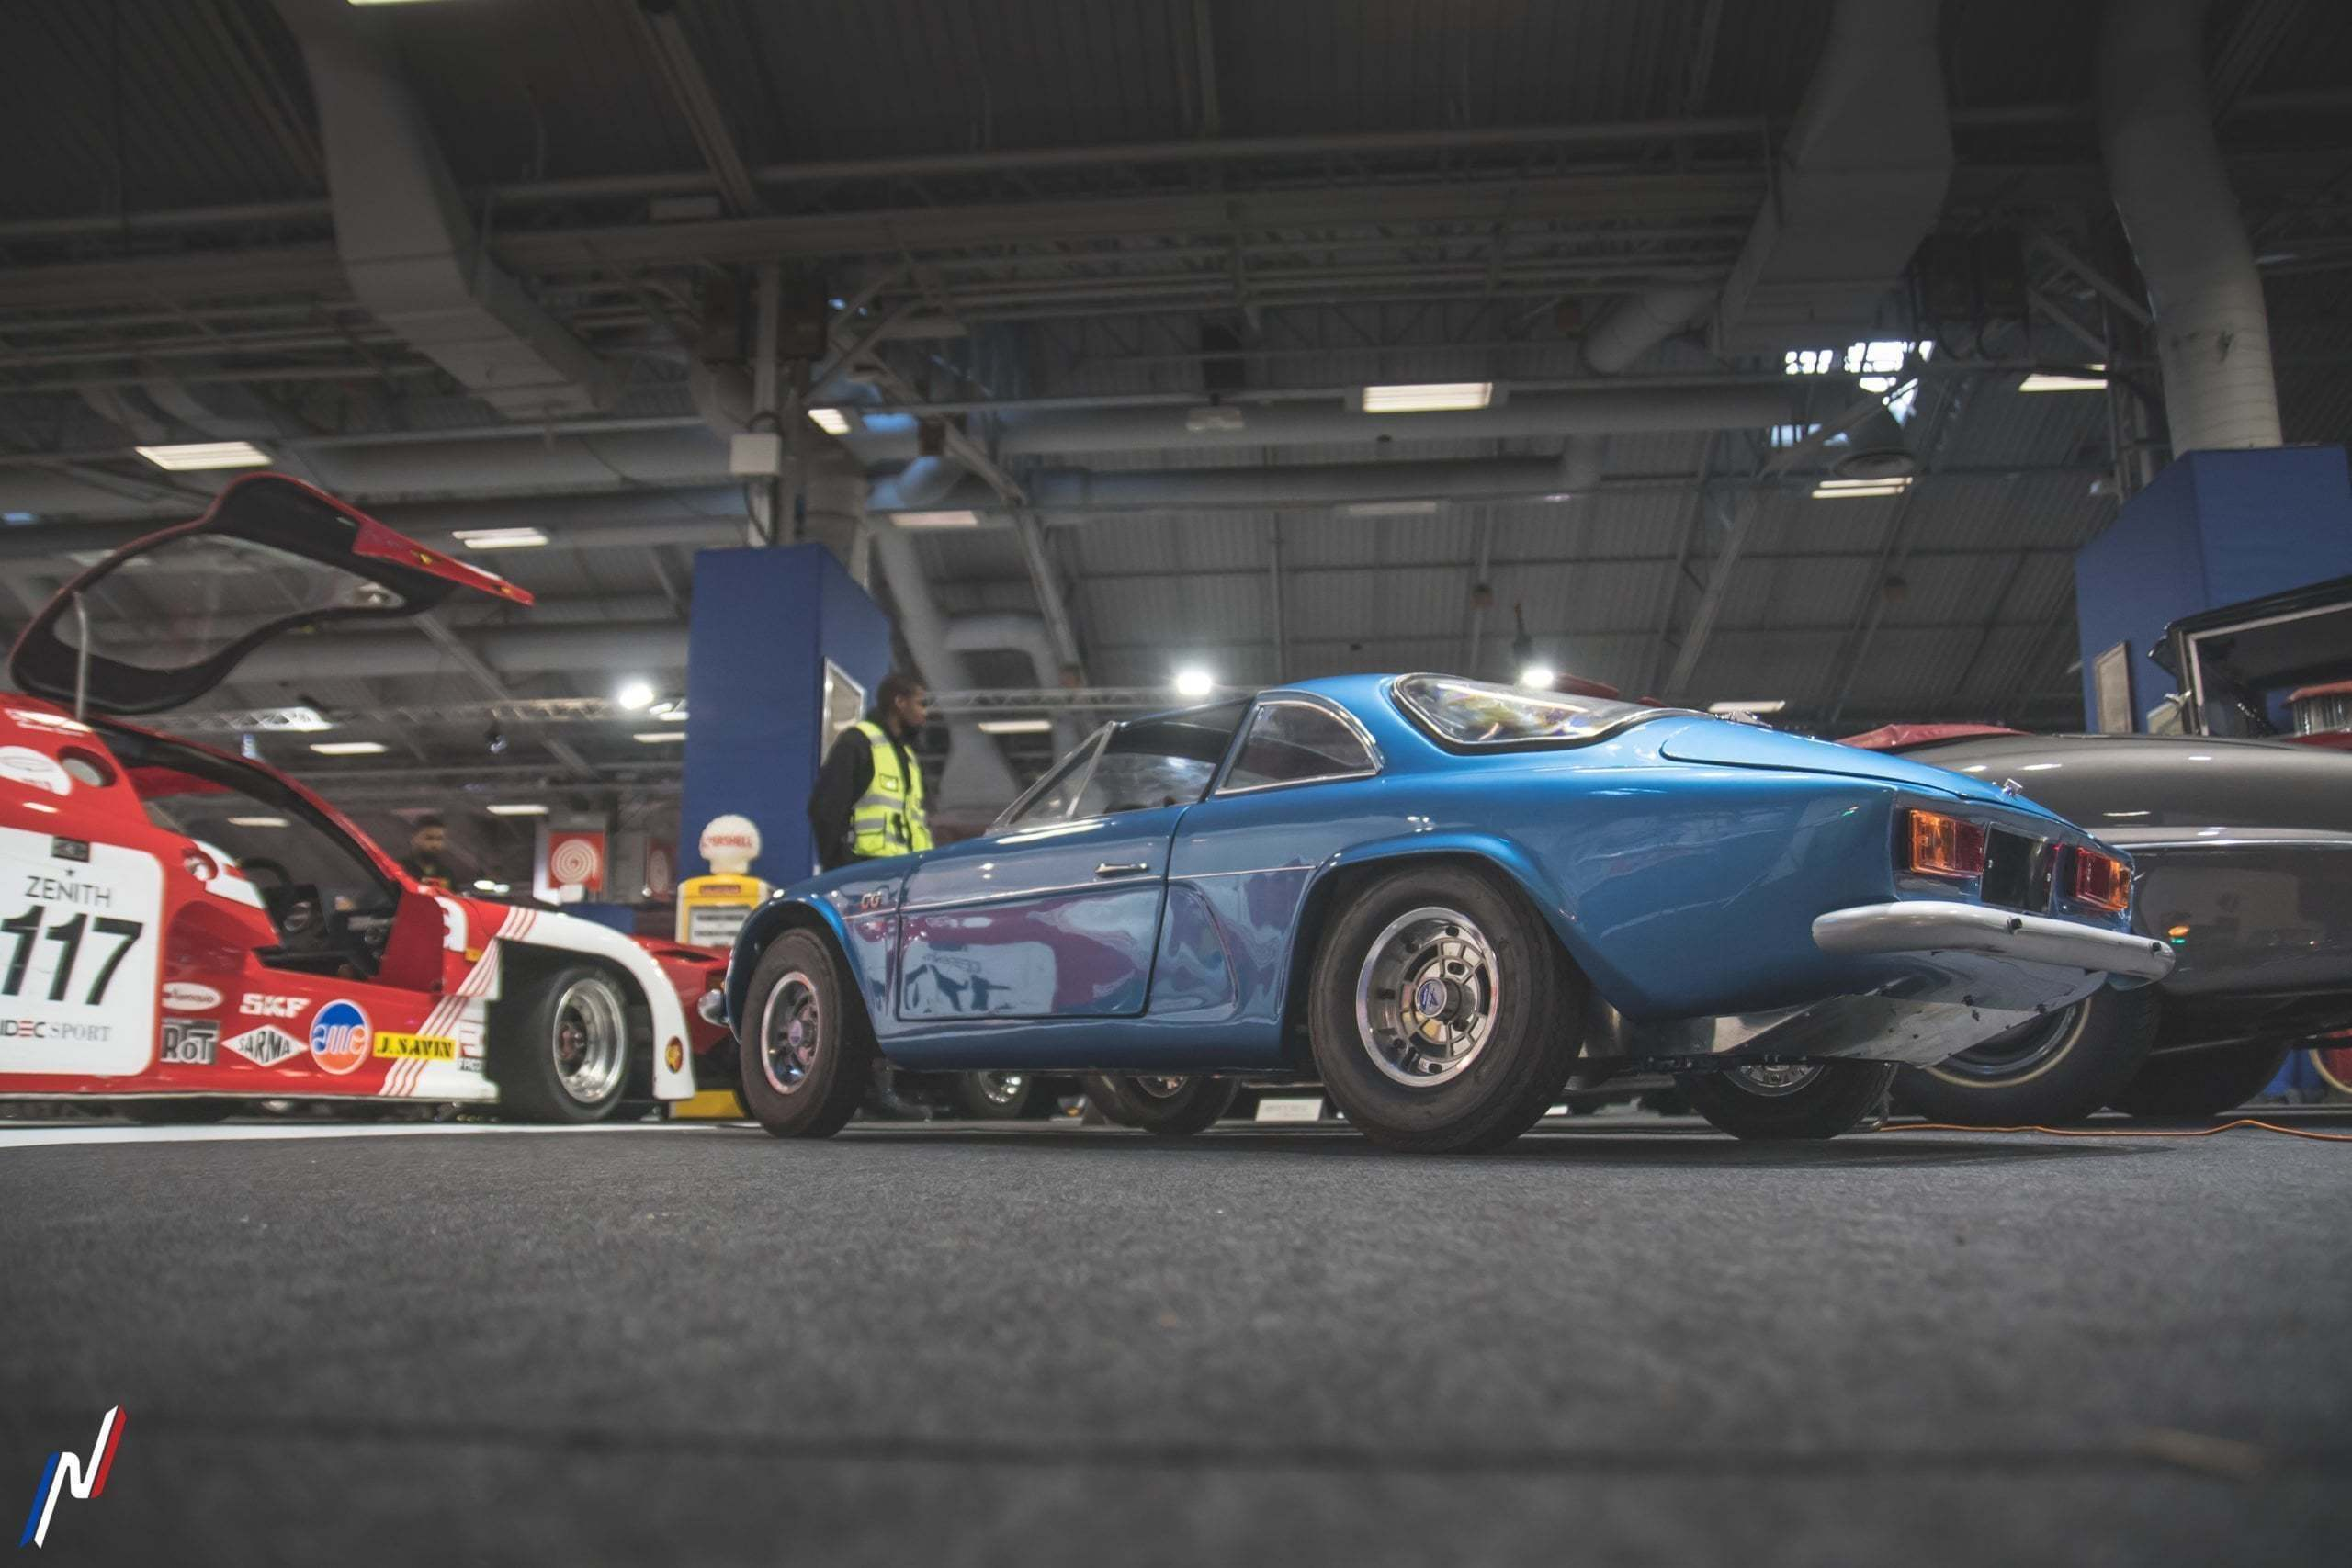 Rétromobile 2020 6 scaled - Rétromobile 2020: les Alpine en présence